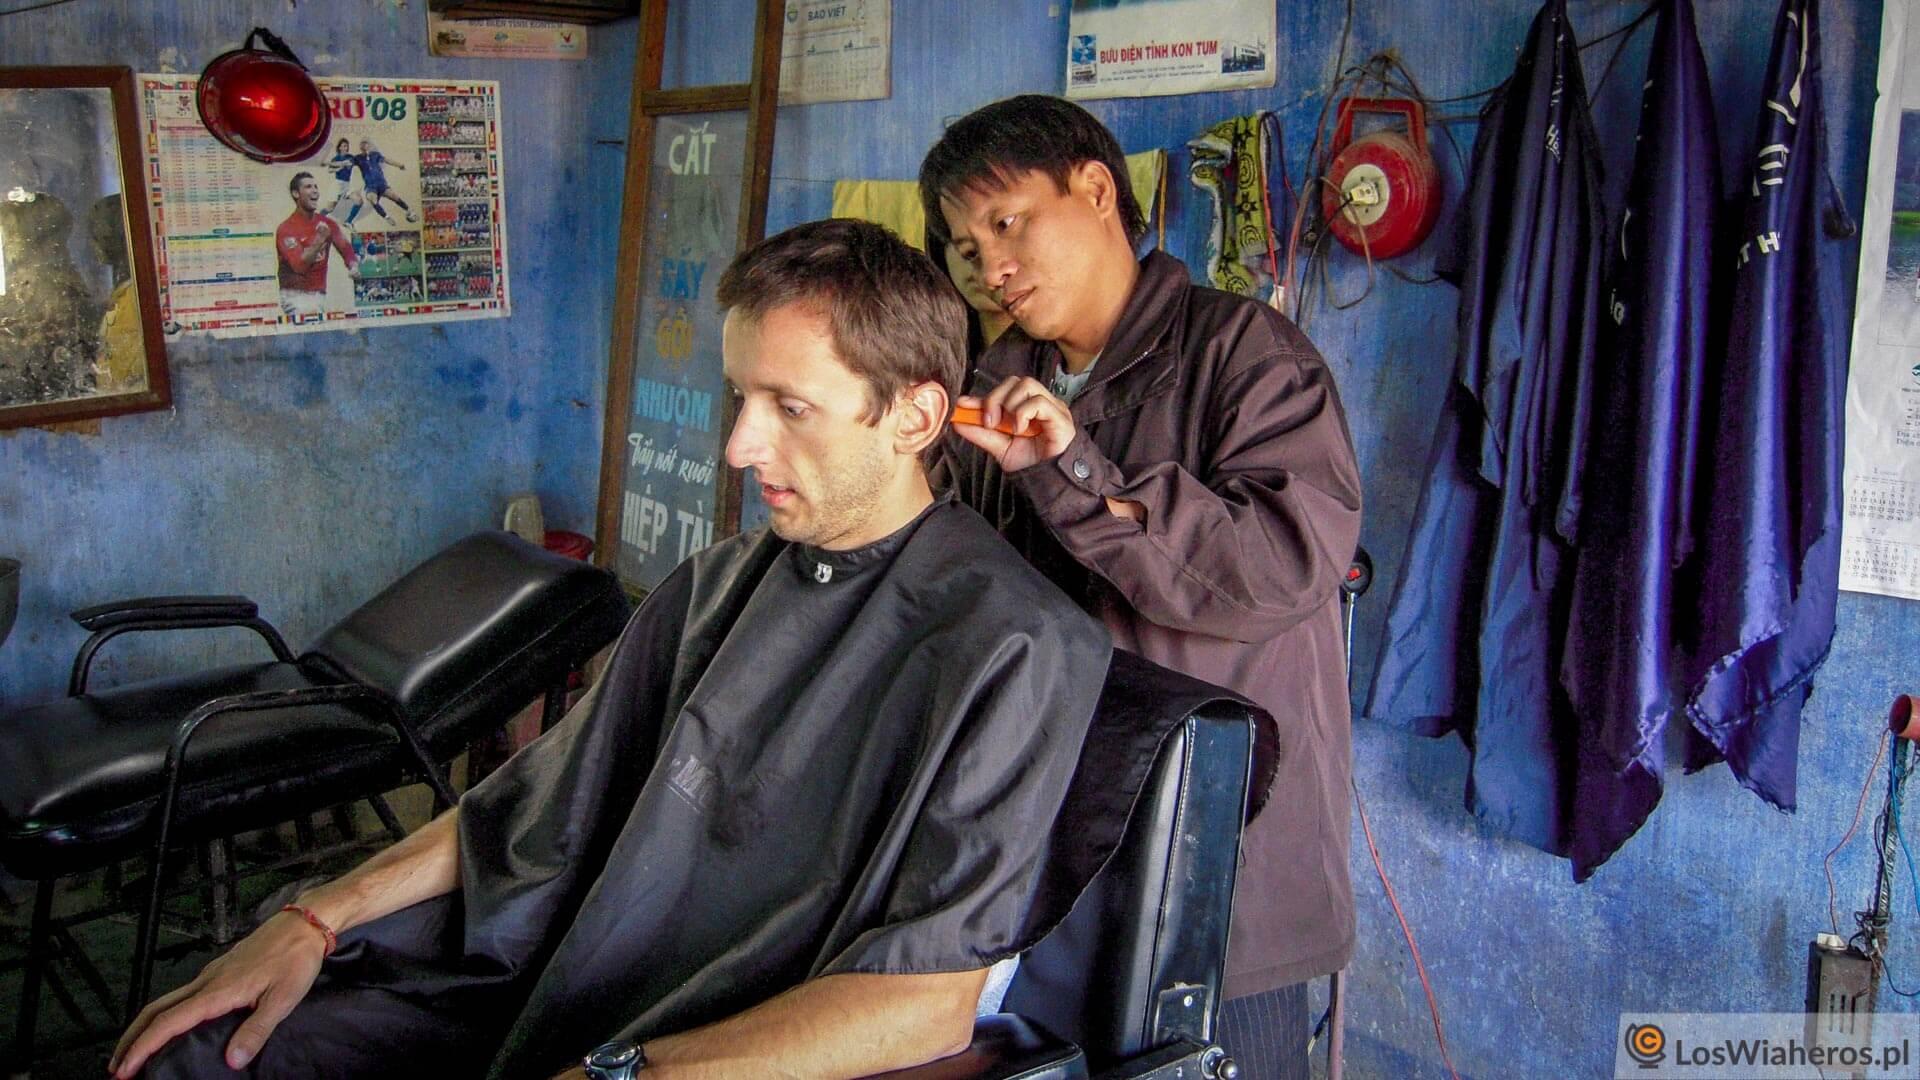 Prawie wkażdym odwiedzanym kraju zaglądałem dofryzjera. Tym razem wWietnamie - bezprzygód ibezzakażenia HCV.